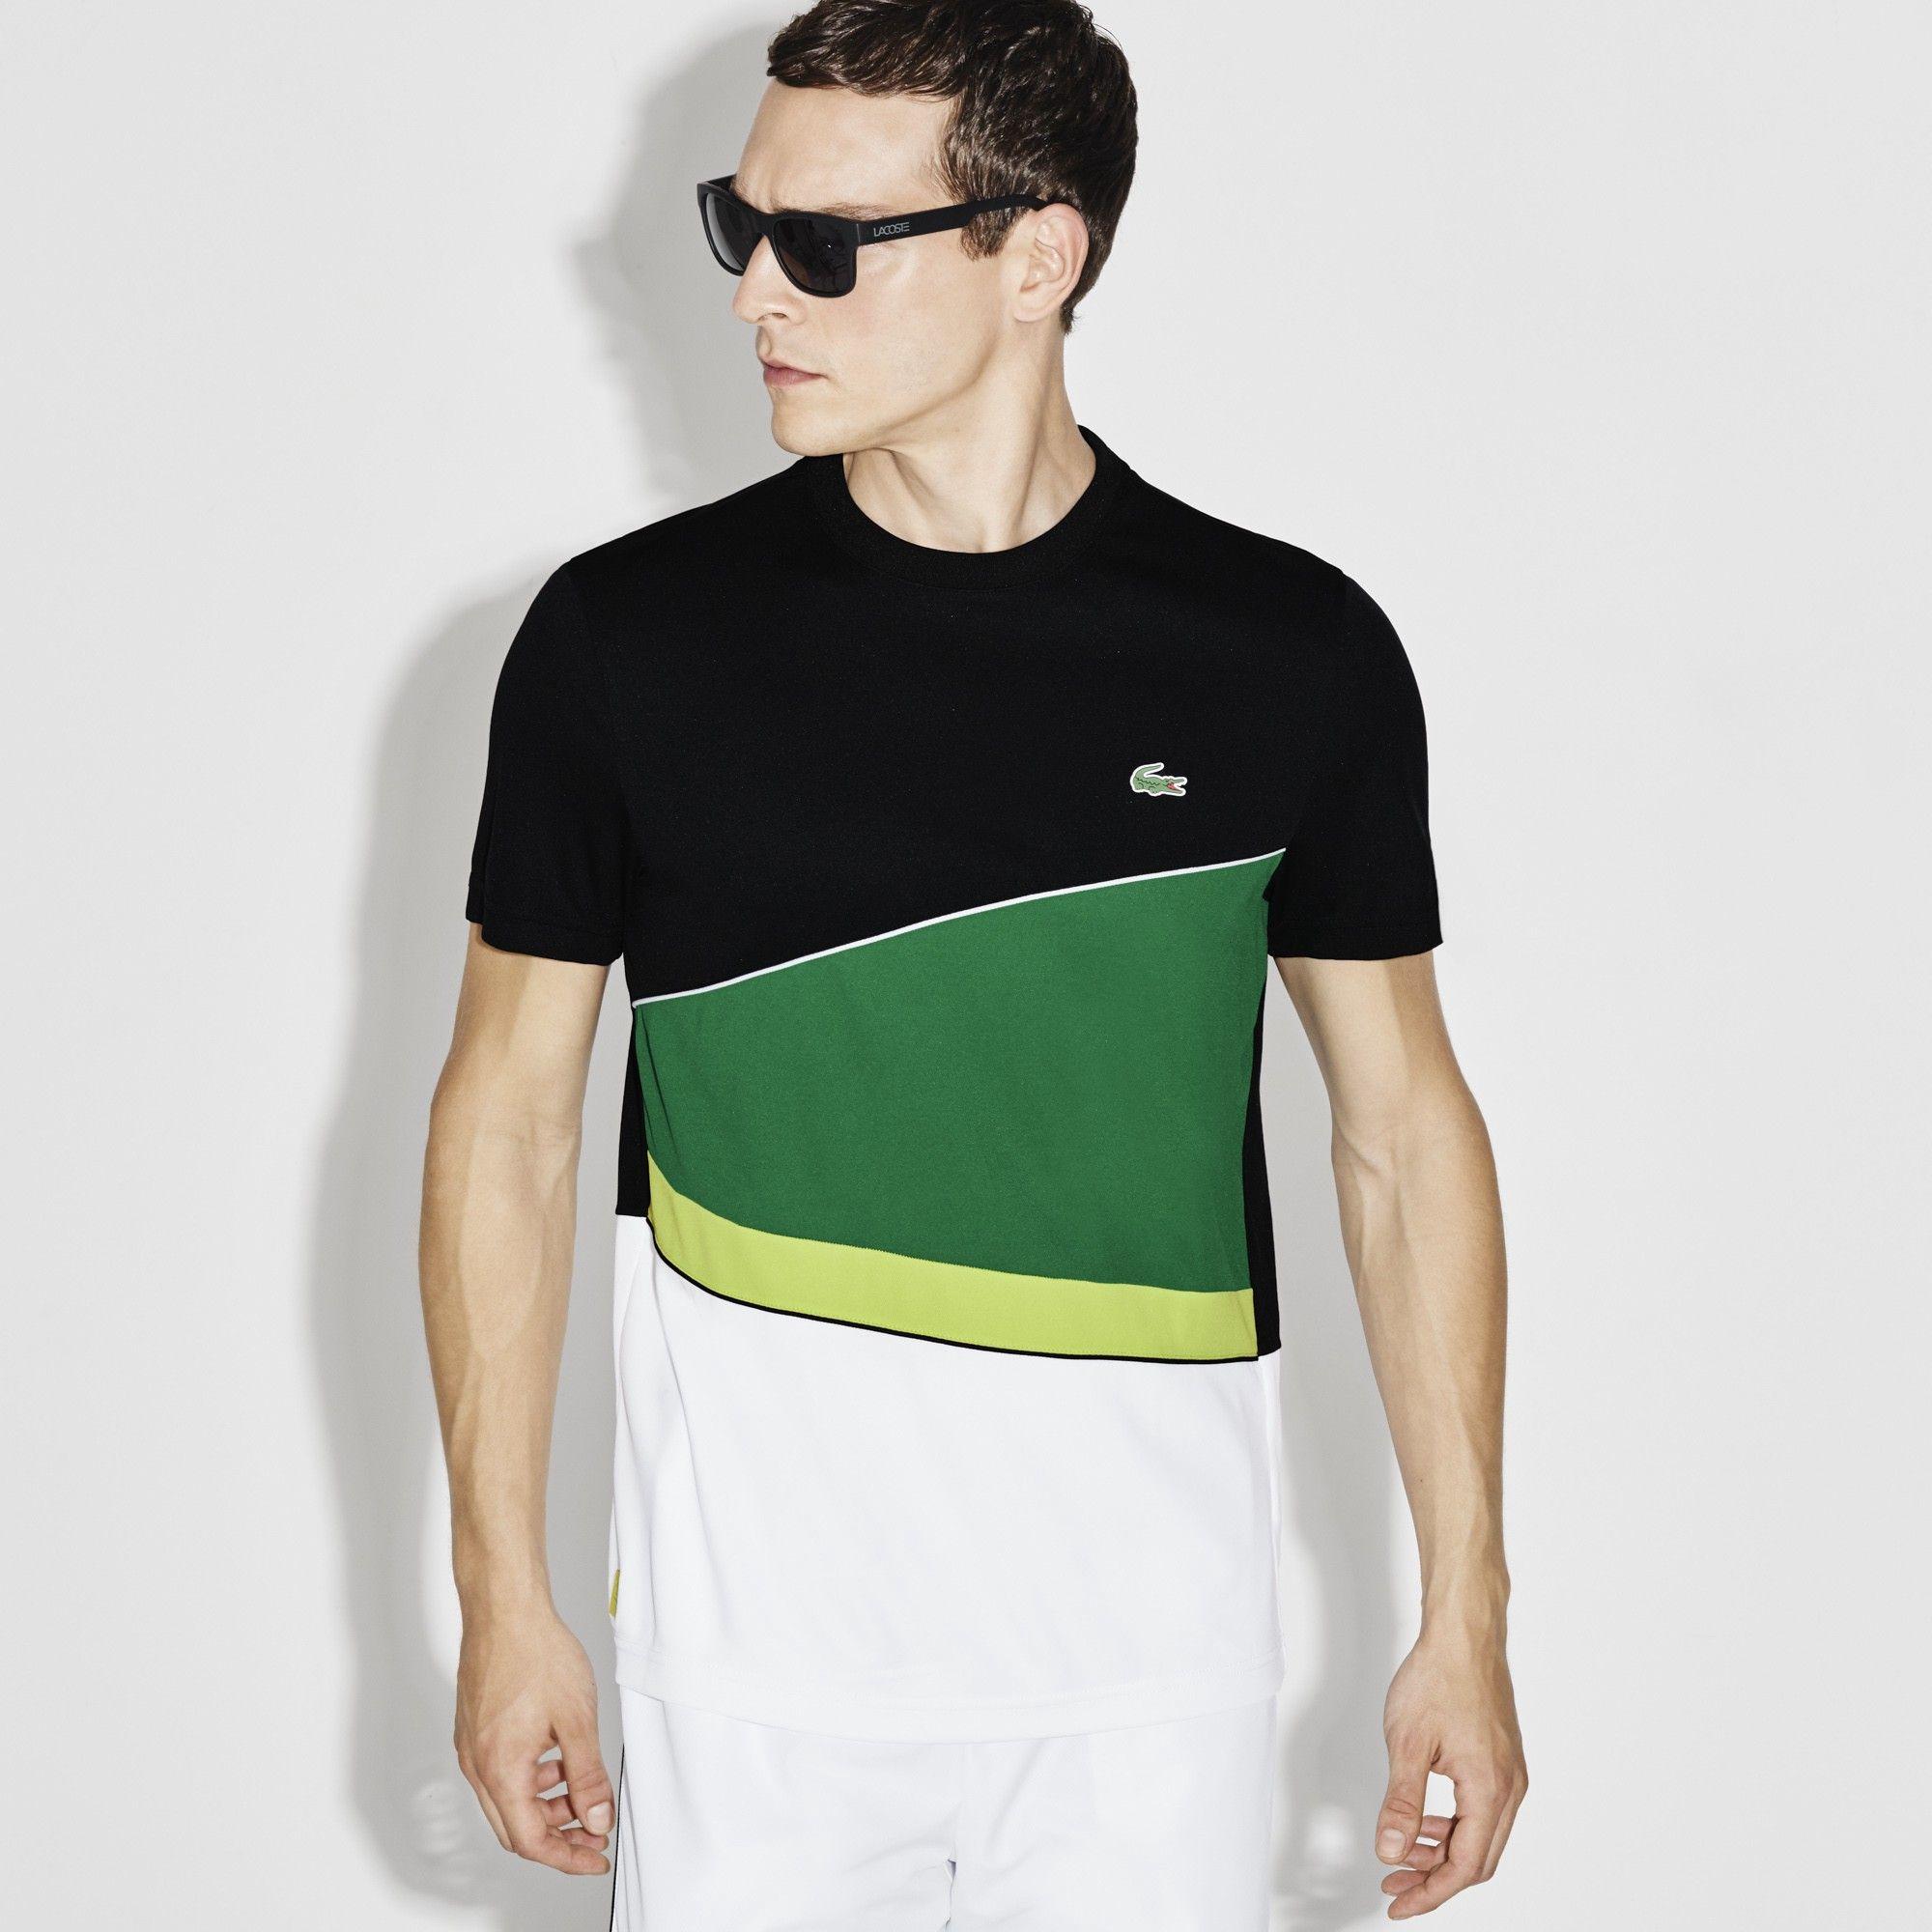 LACOSTE Men s SPORT Resistant Colorblock Piqué Tennis T-shirt -  black woodland green-lemo.  lacoste  cloth   a0ccb42154